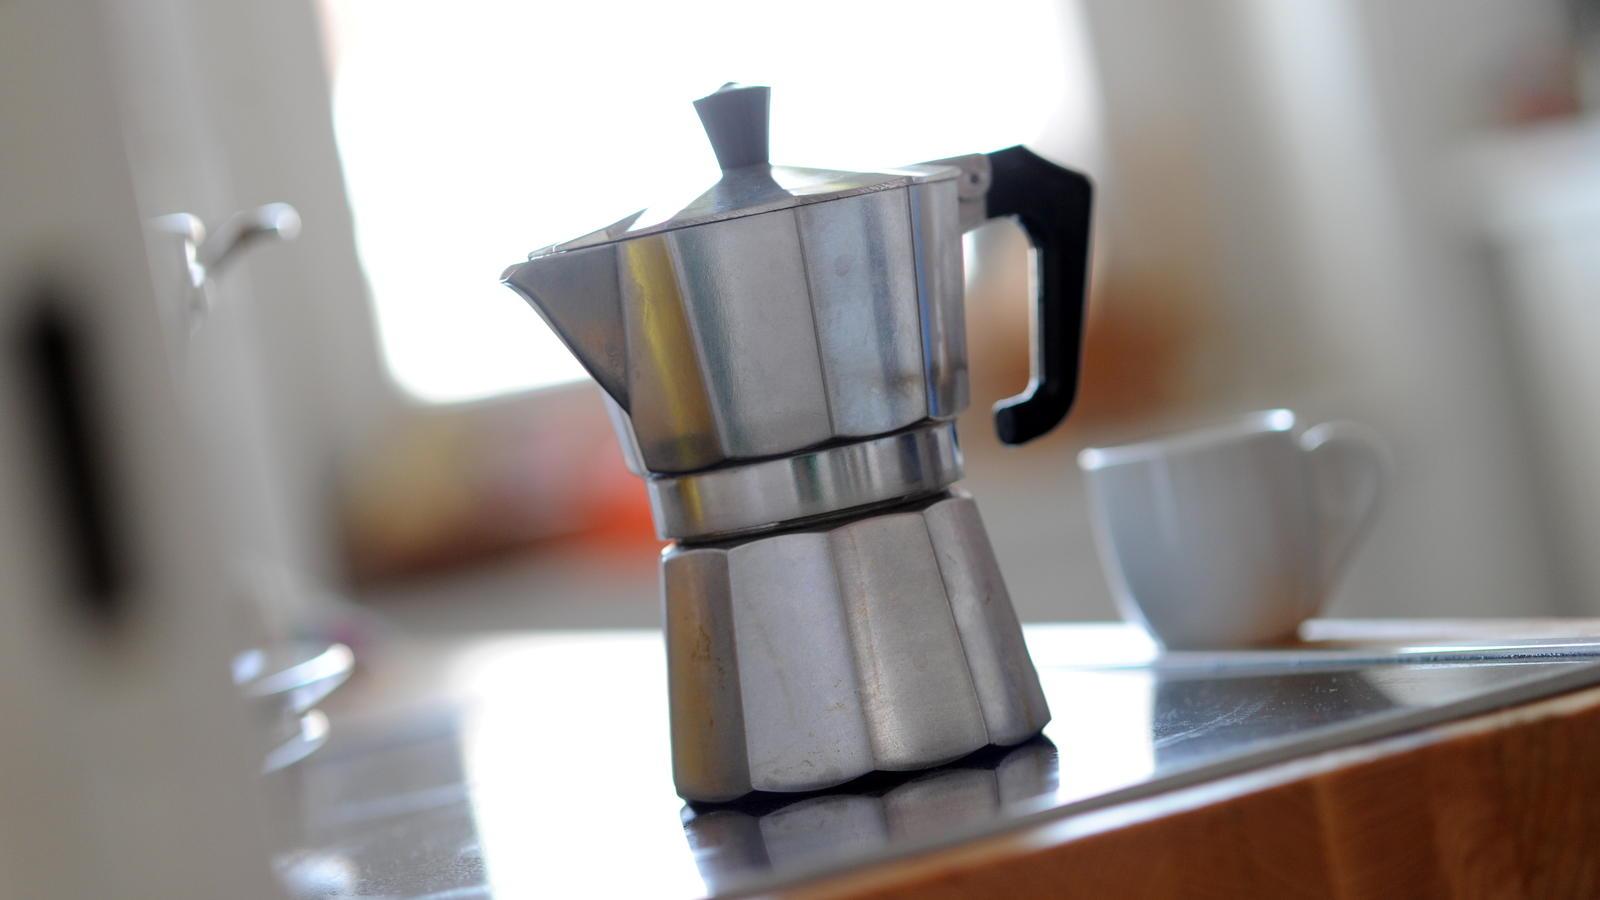 Espressokocher mit Tasse